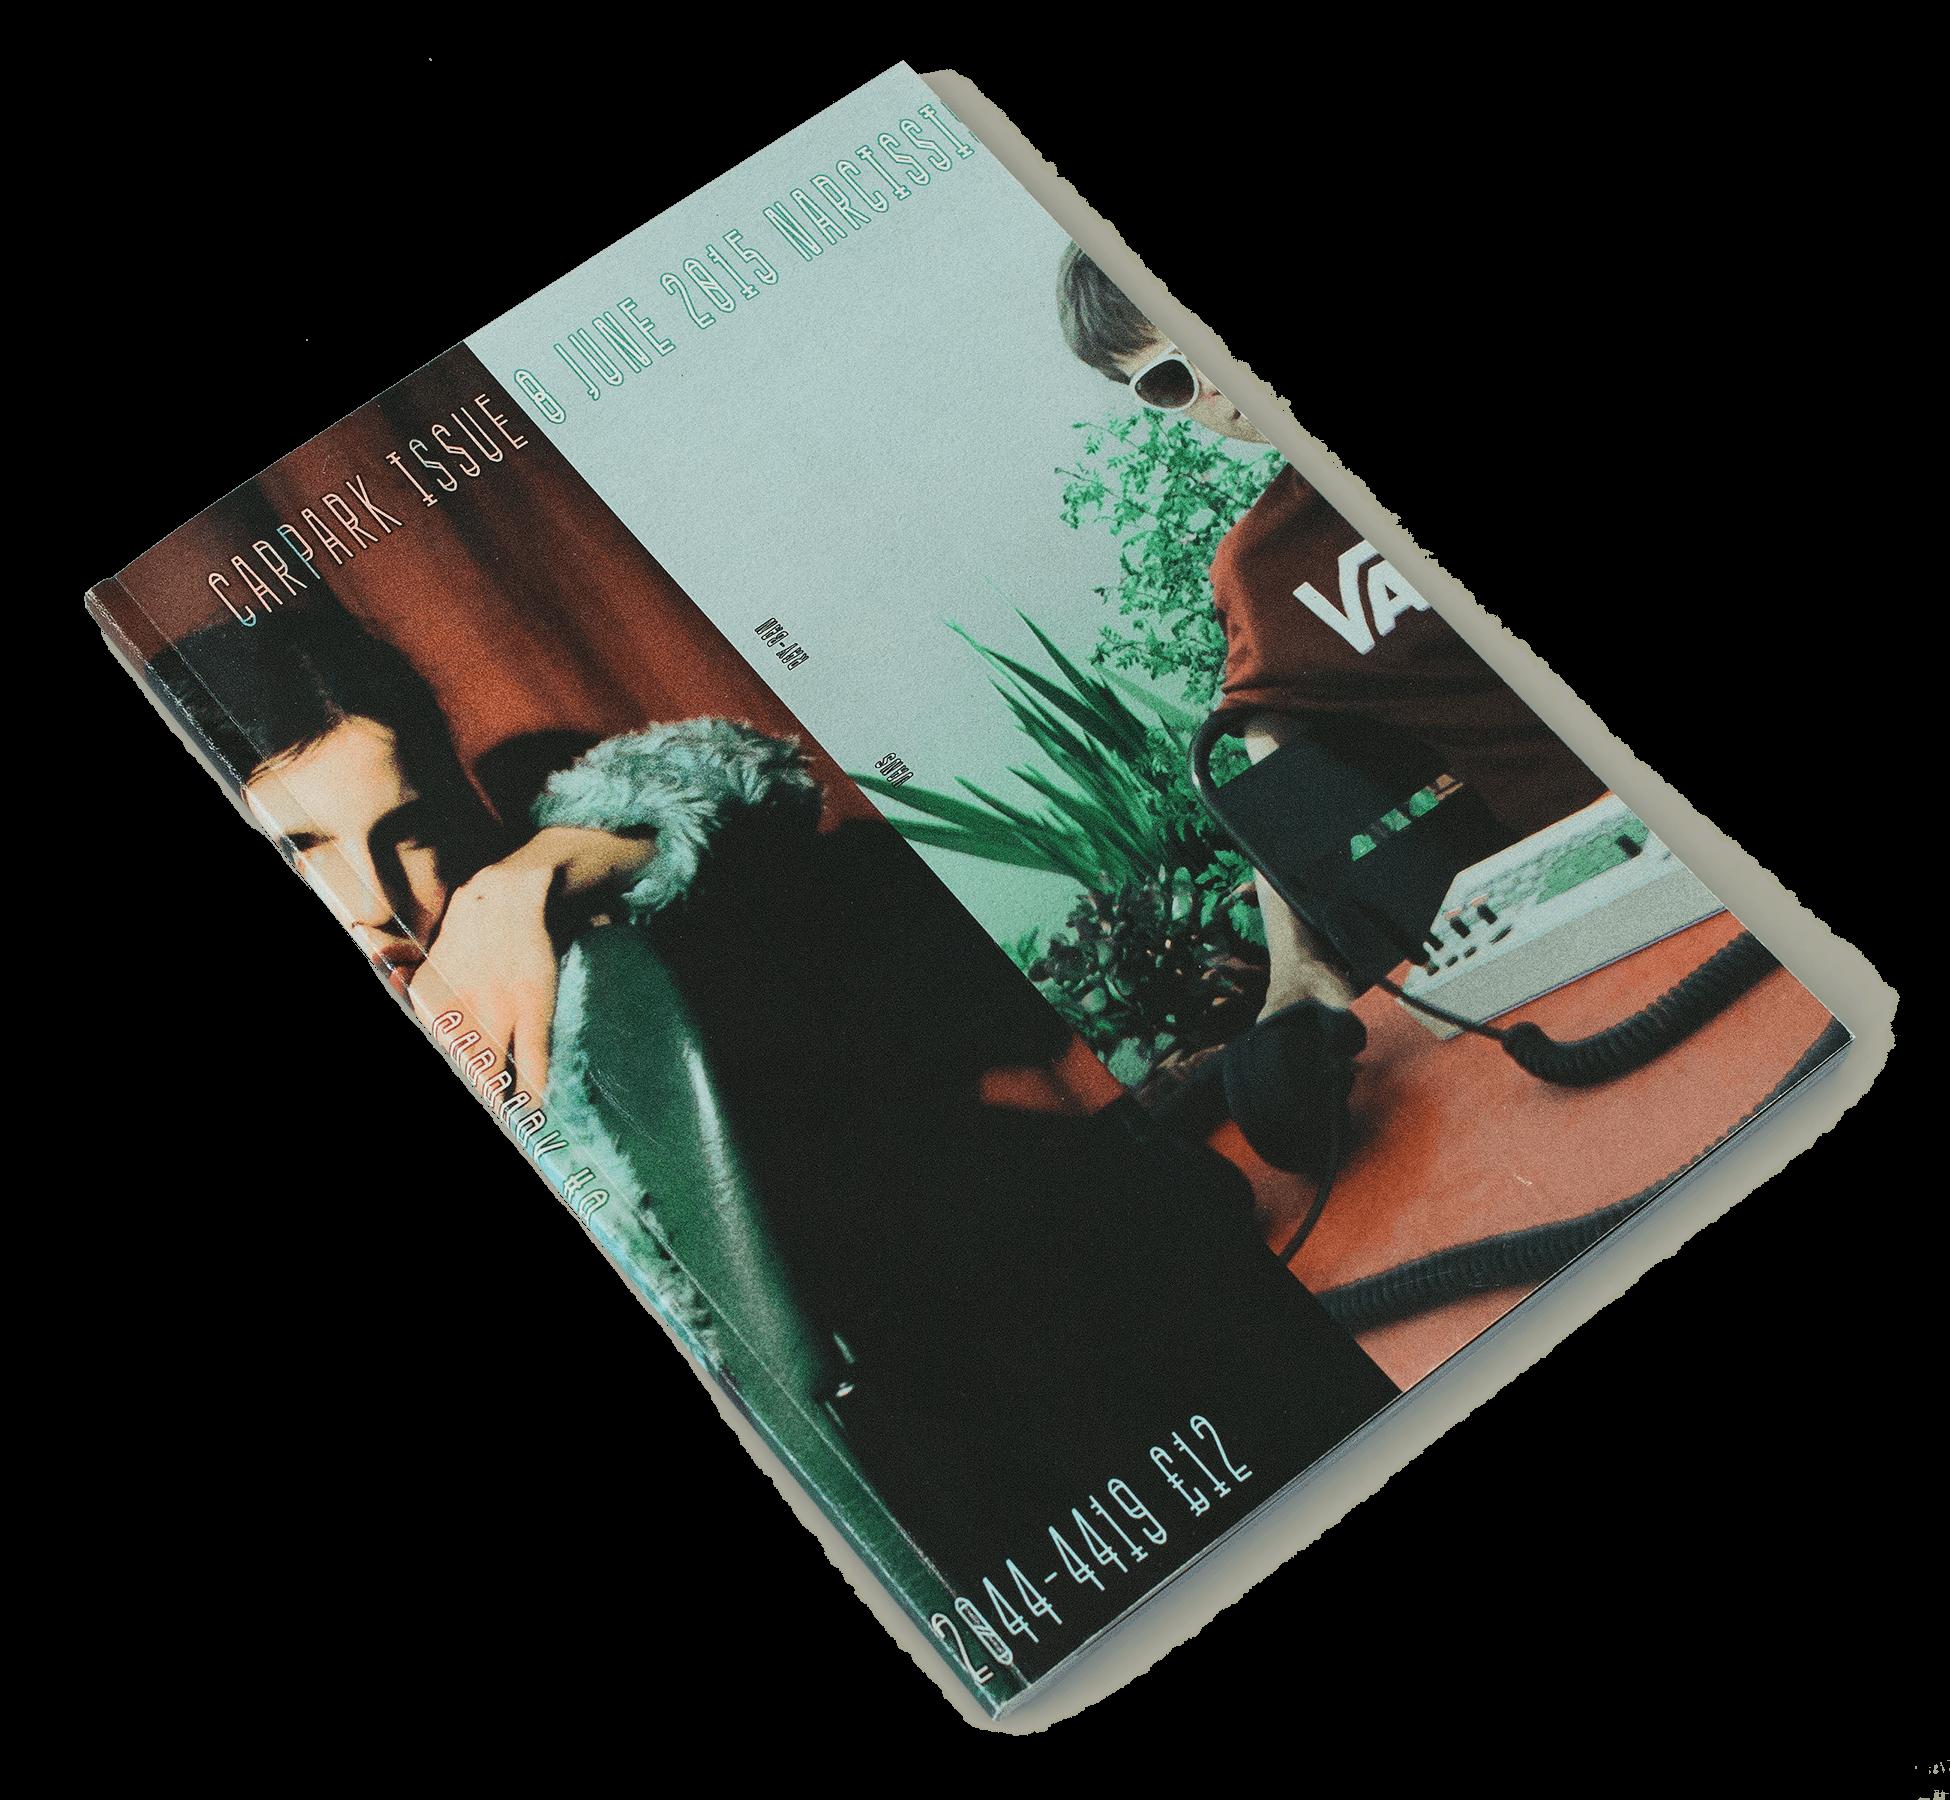 Couverture de Carpark magazine numéro 8